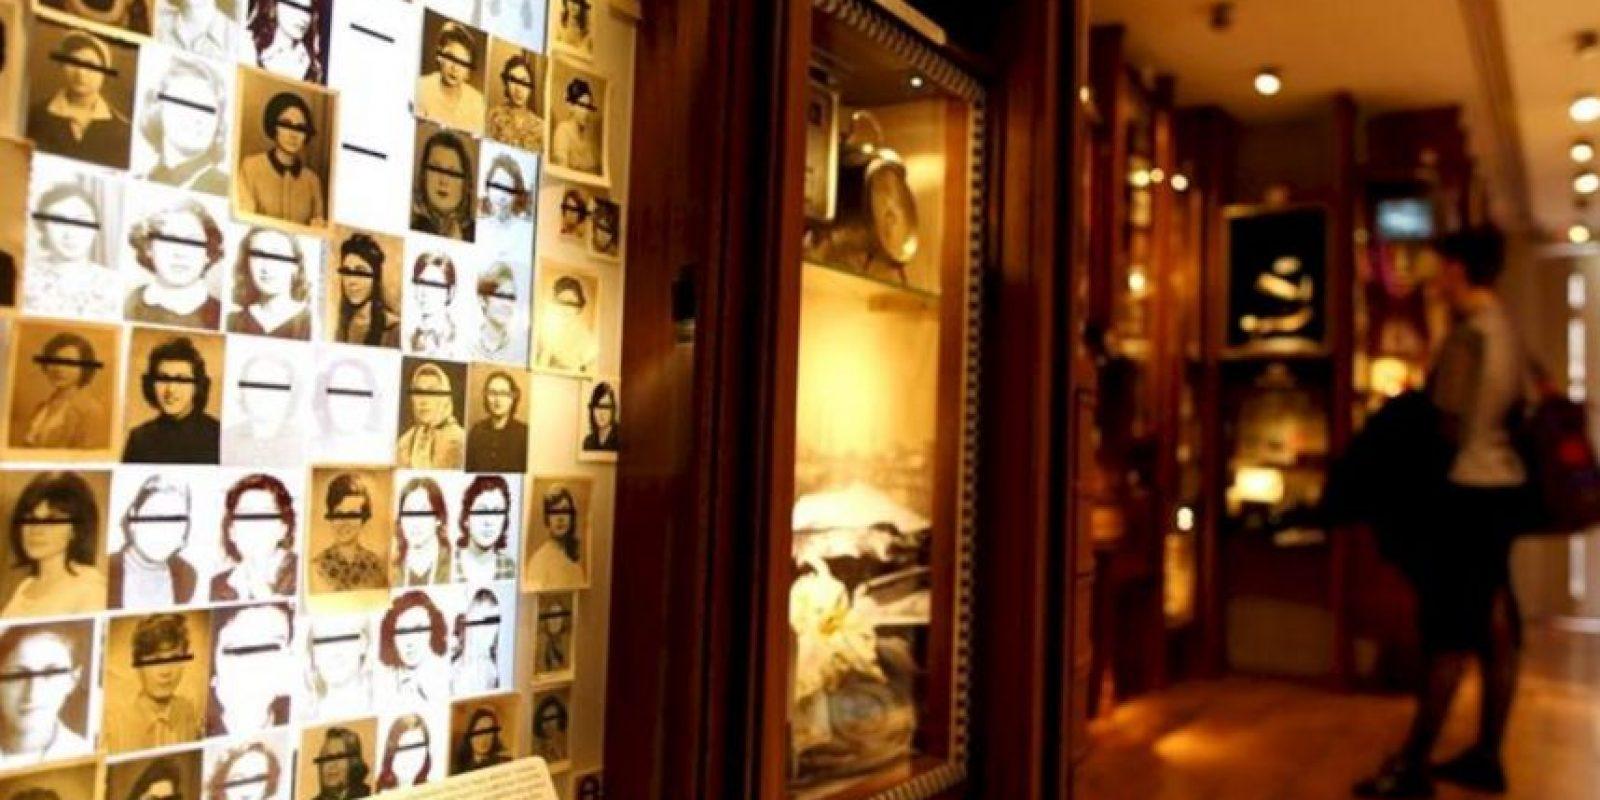 Objetos expuestos en el Museo de la Inocencia, creado por el novelista y premio Nobel turco Orhan Pamuk, en Estambul hoy. EFE